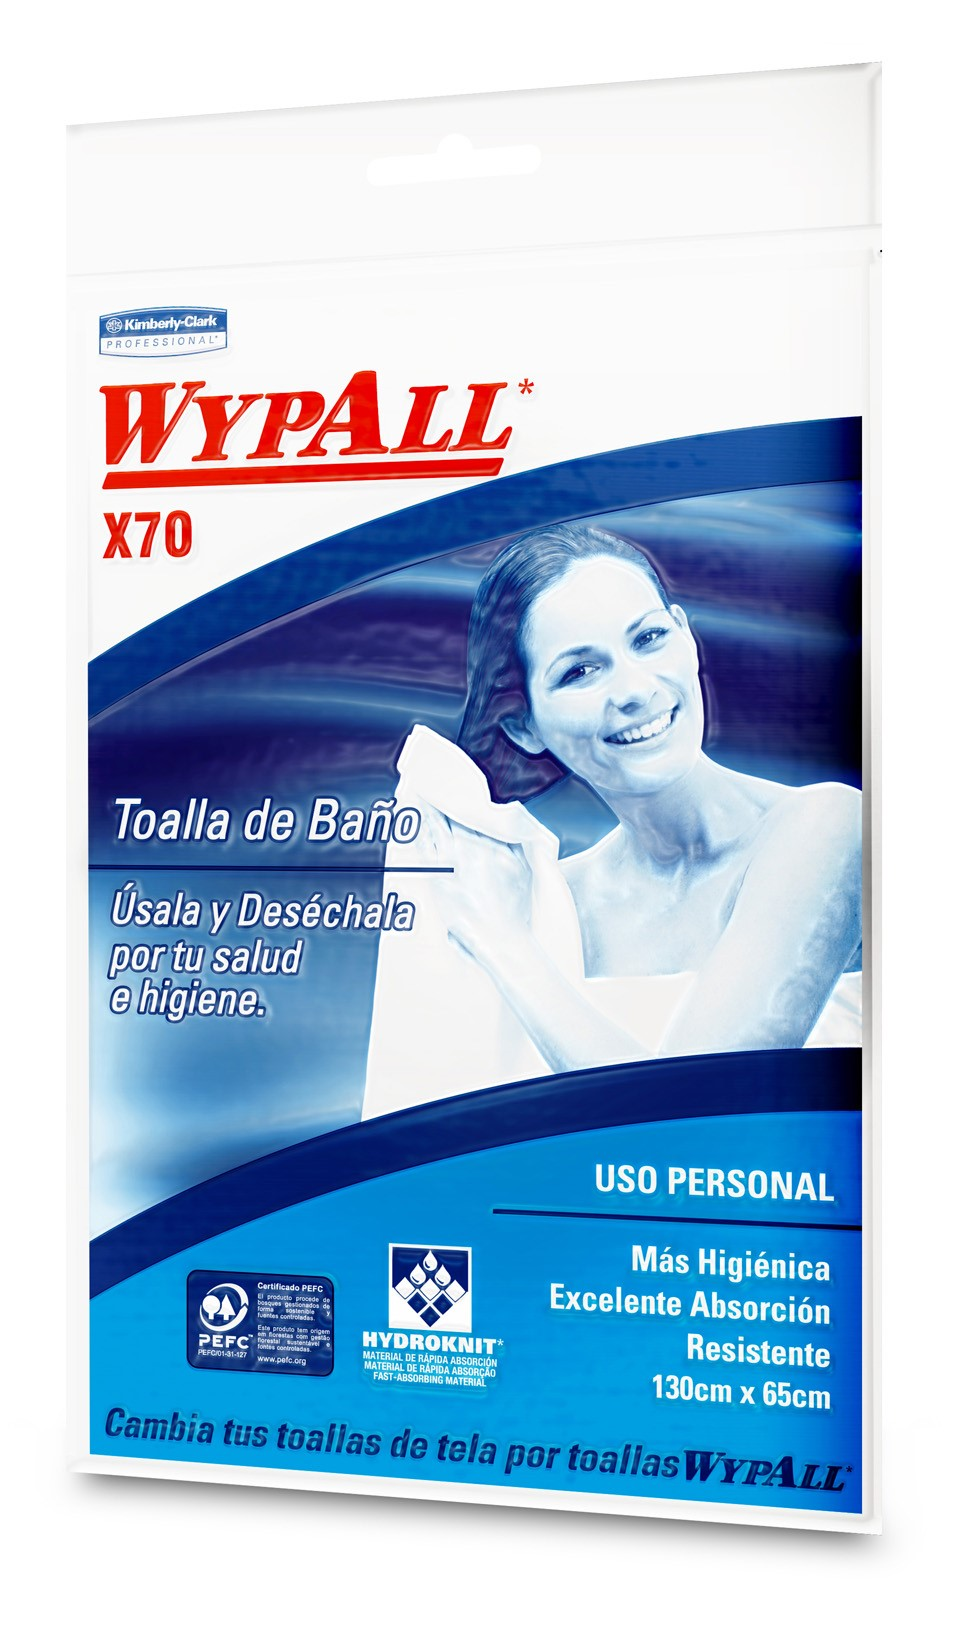 Toalla de Baño WYPALL*